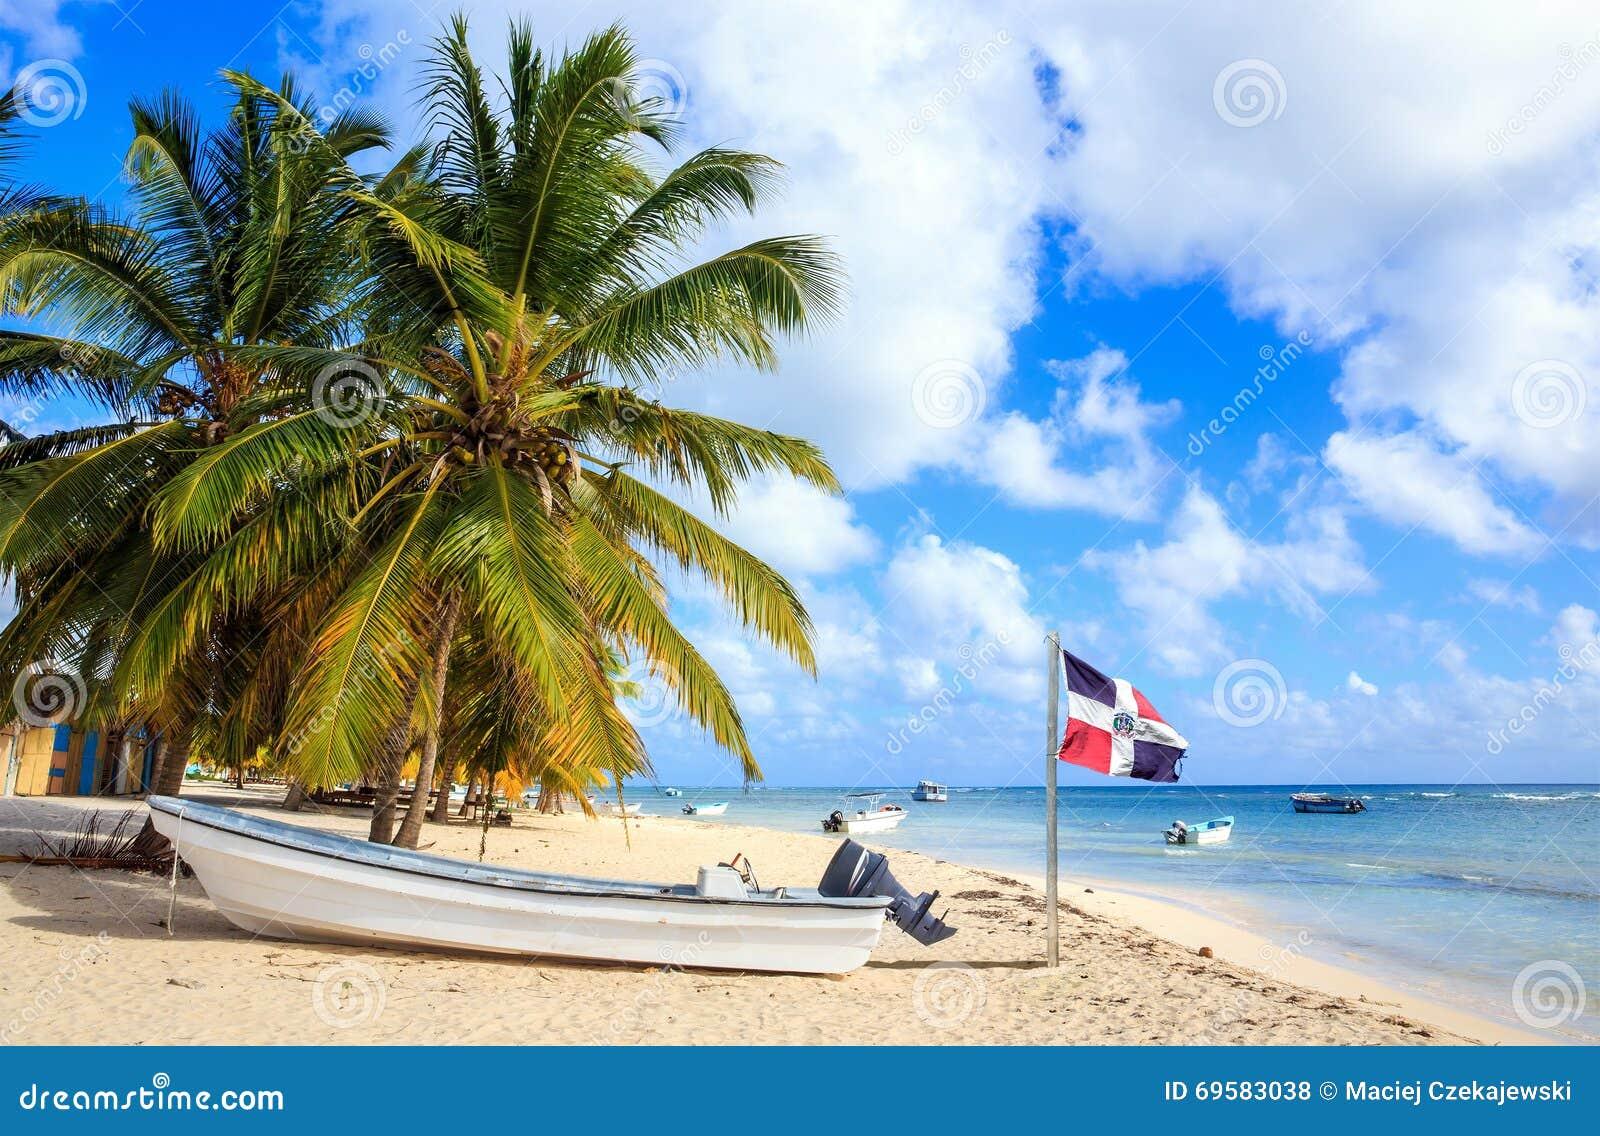 Karaiby plaża w republice dominikańskiej